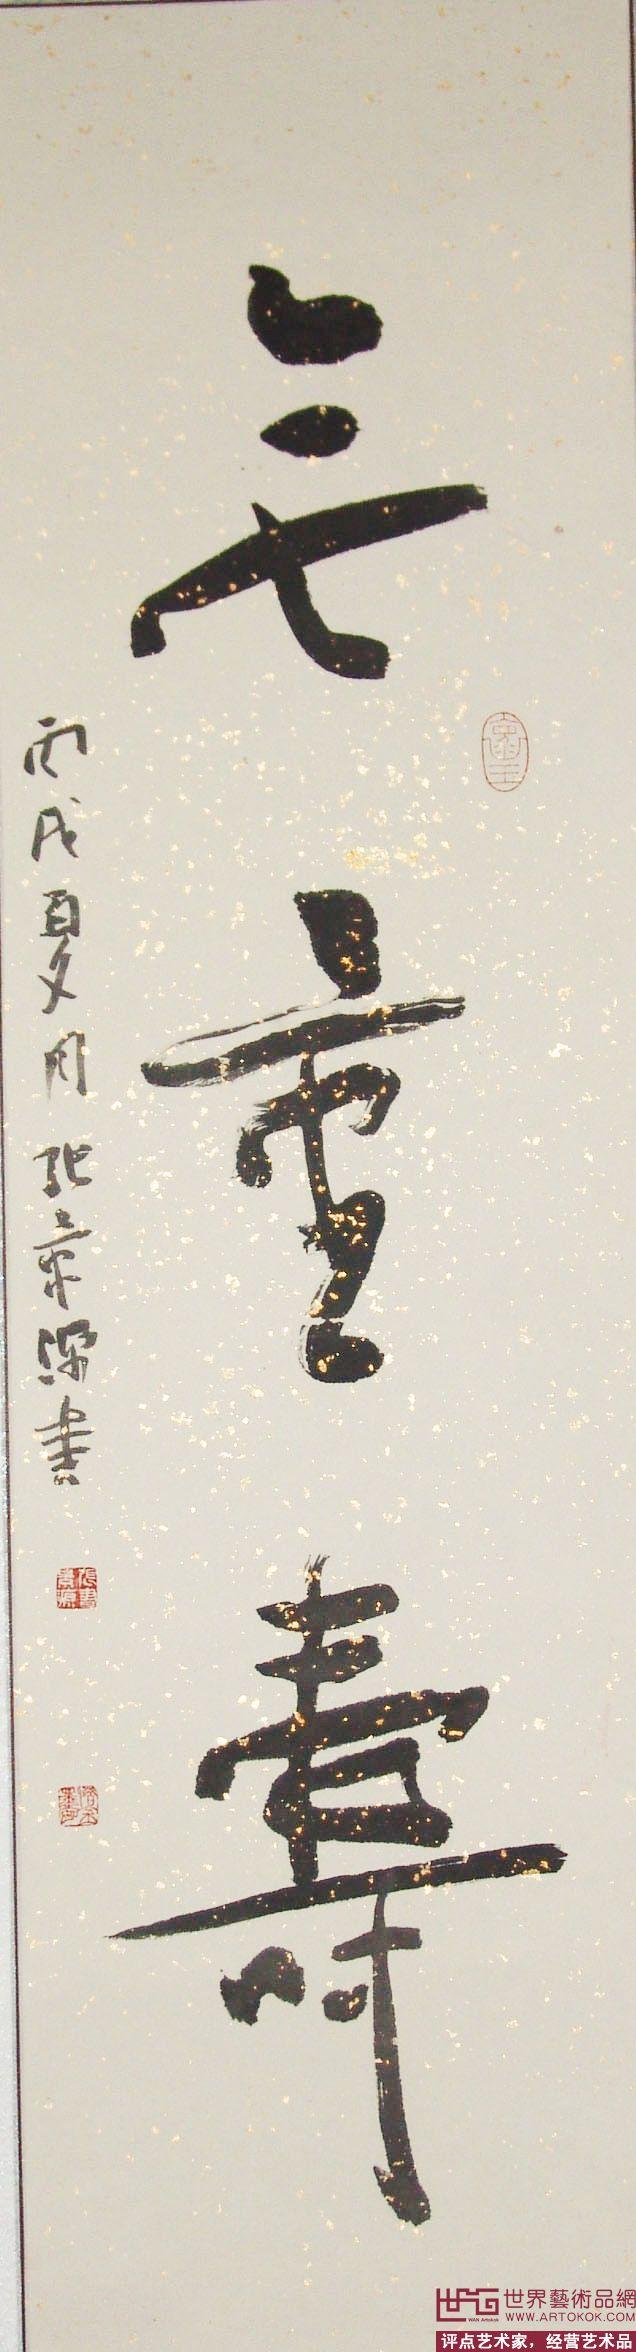 张景源-条幅-淘宝-名人字画-中国书画交易中心,中国,.